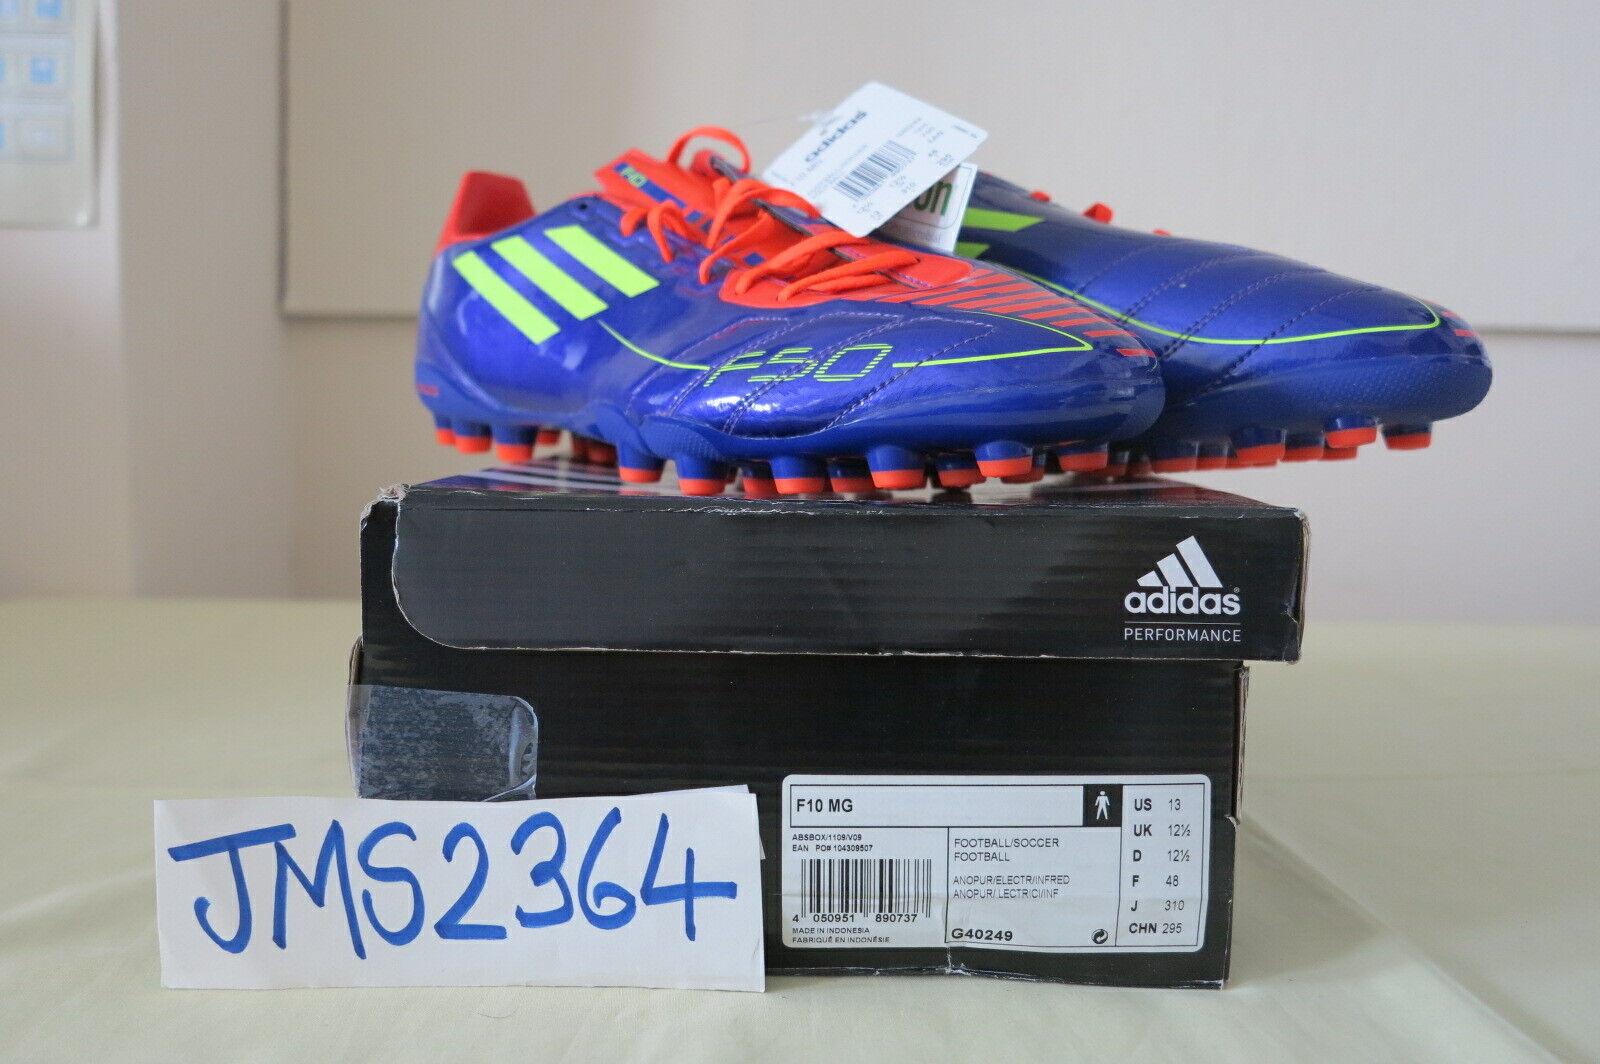 Adidas Performance F10 mg multigroung Morado Rojo botas De Fútbol US13 UK12.5